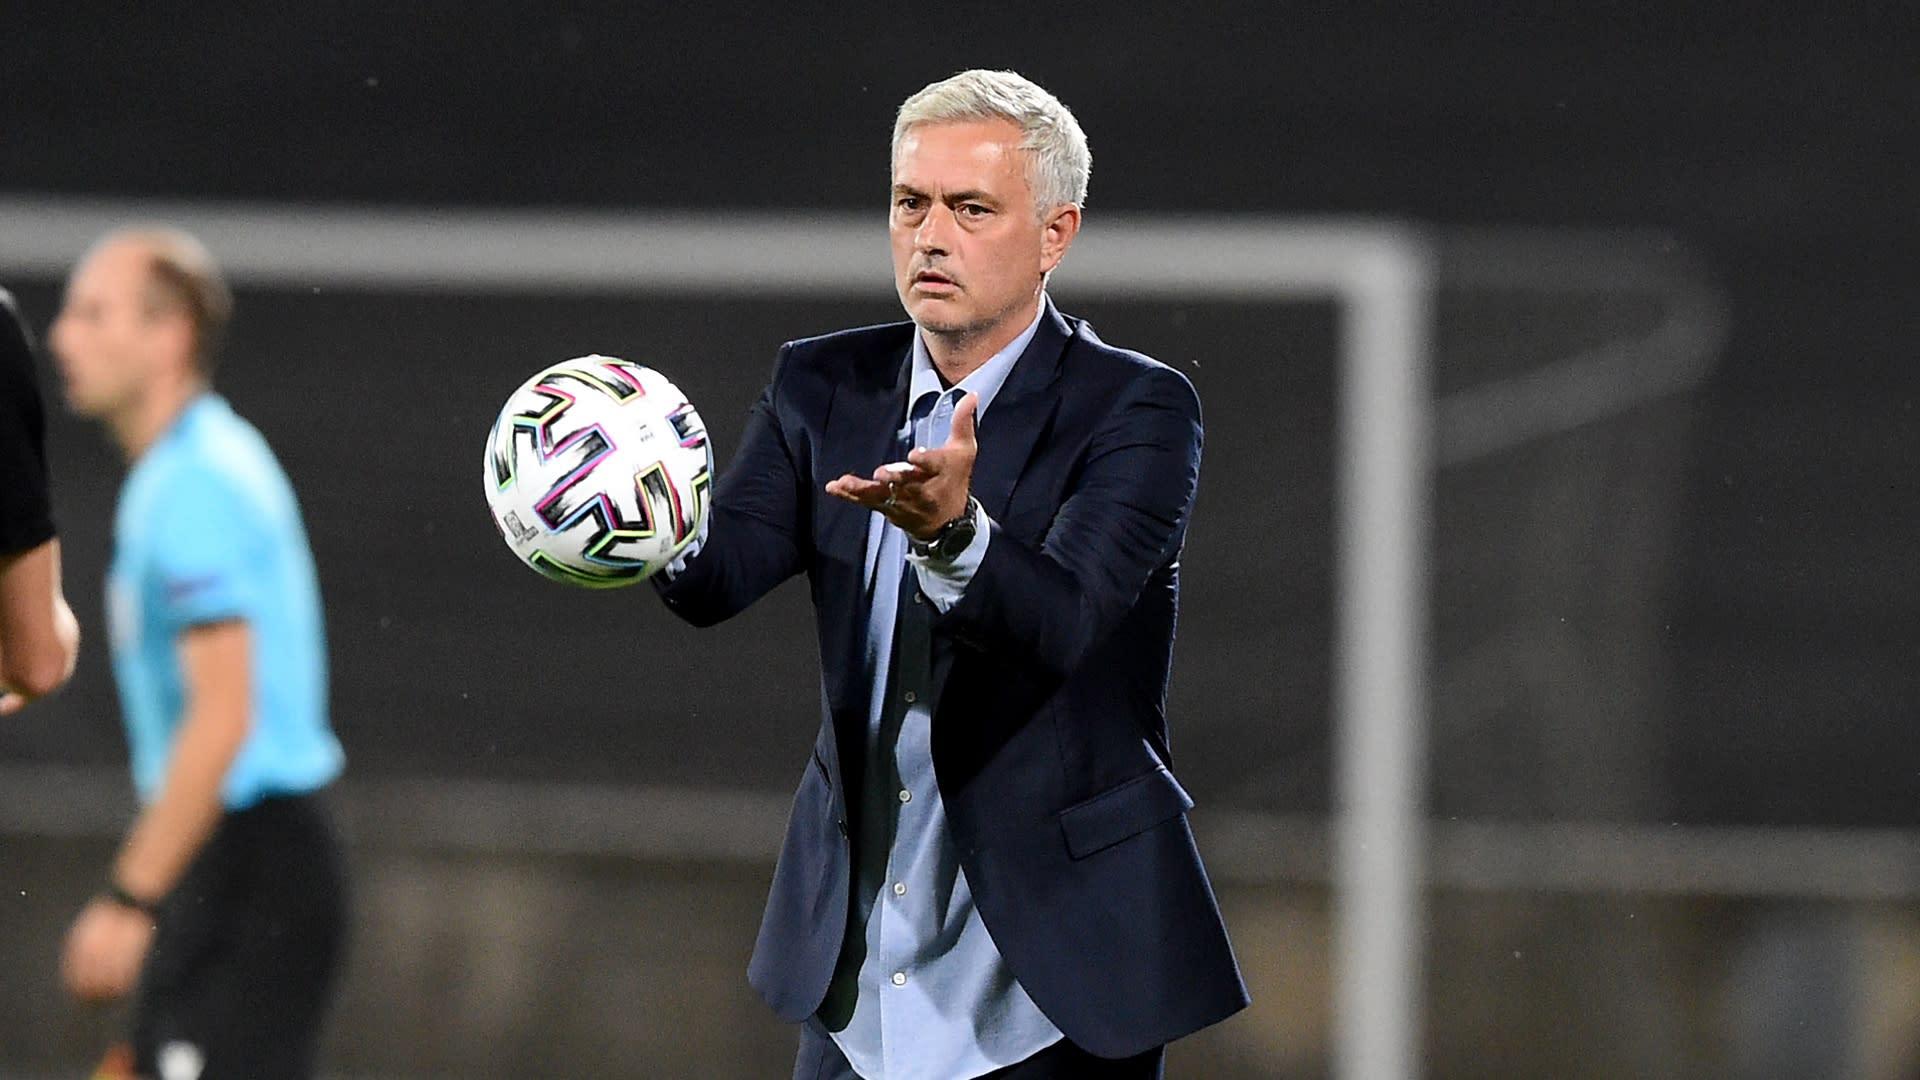 Mourinho blasts Spurs' schedule as a 'total joke'